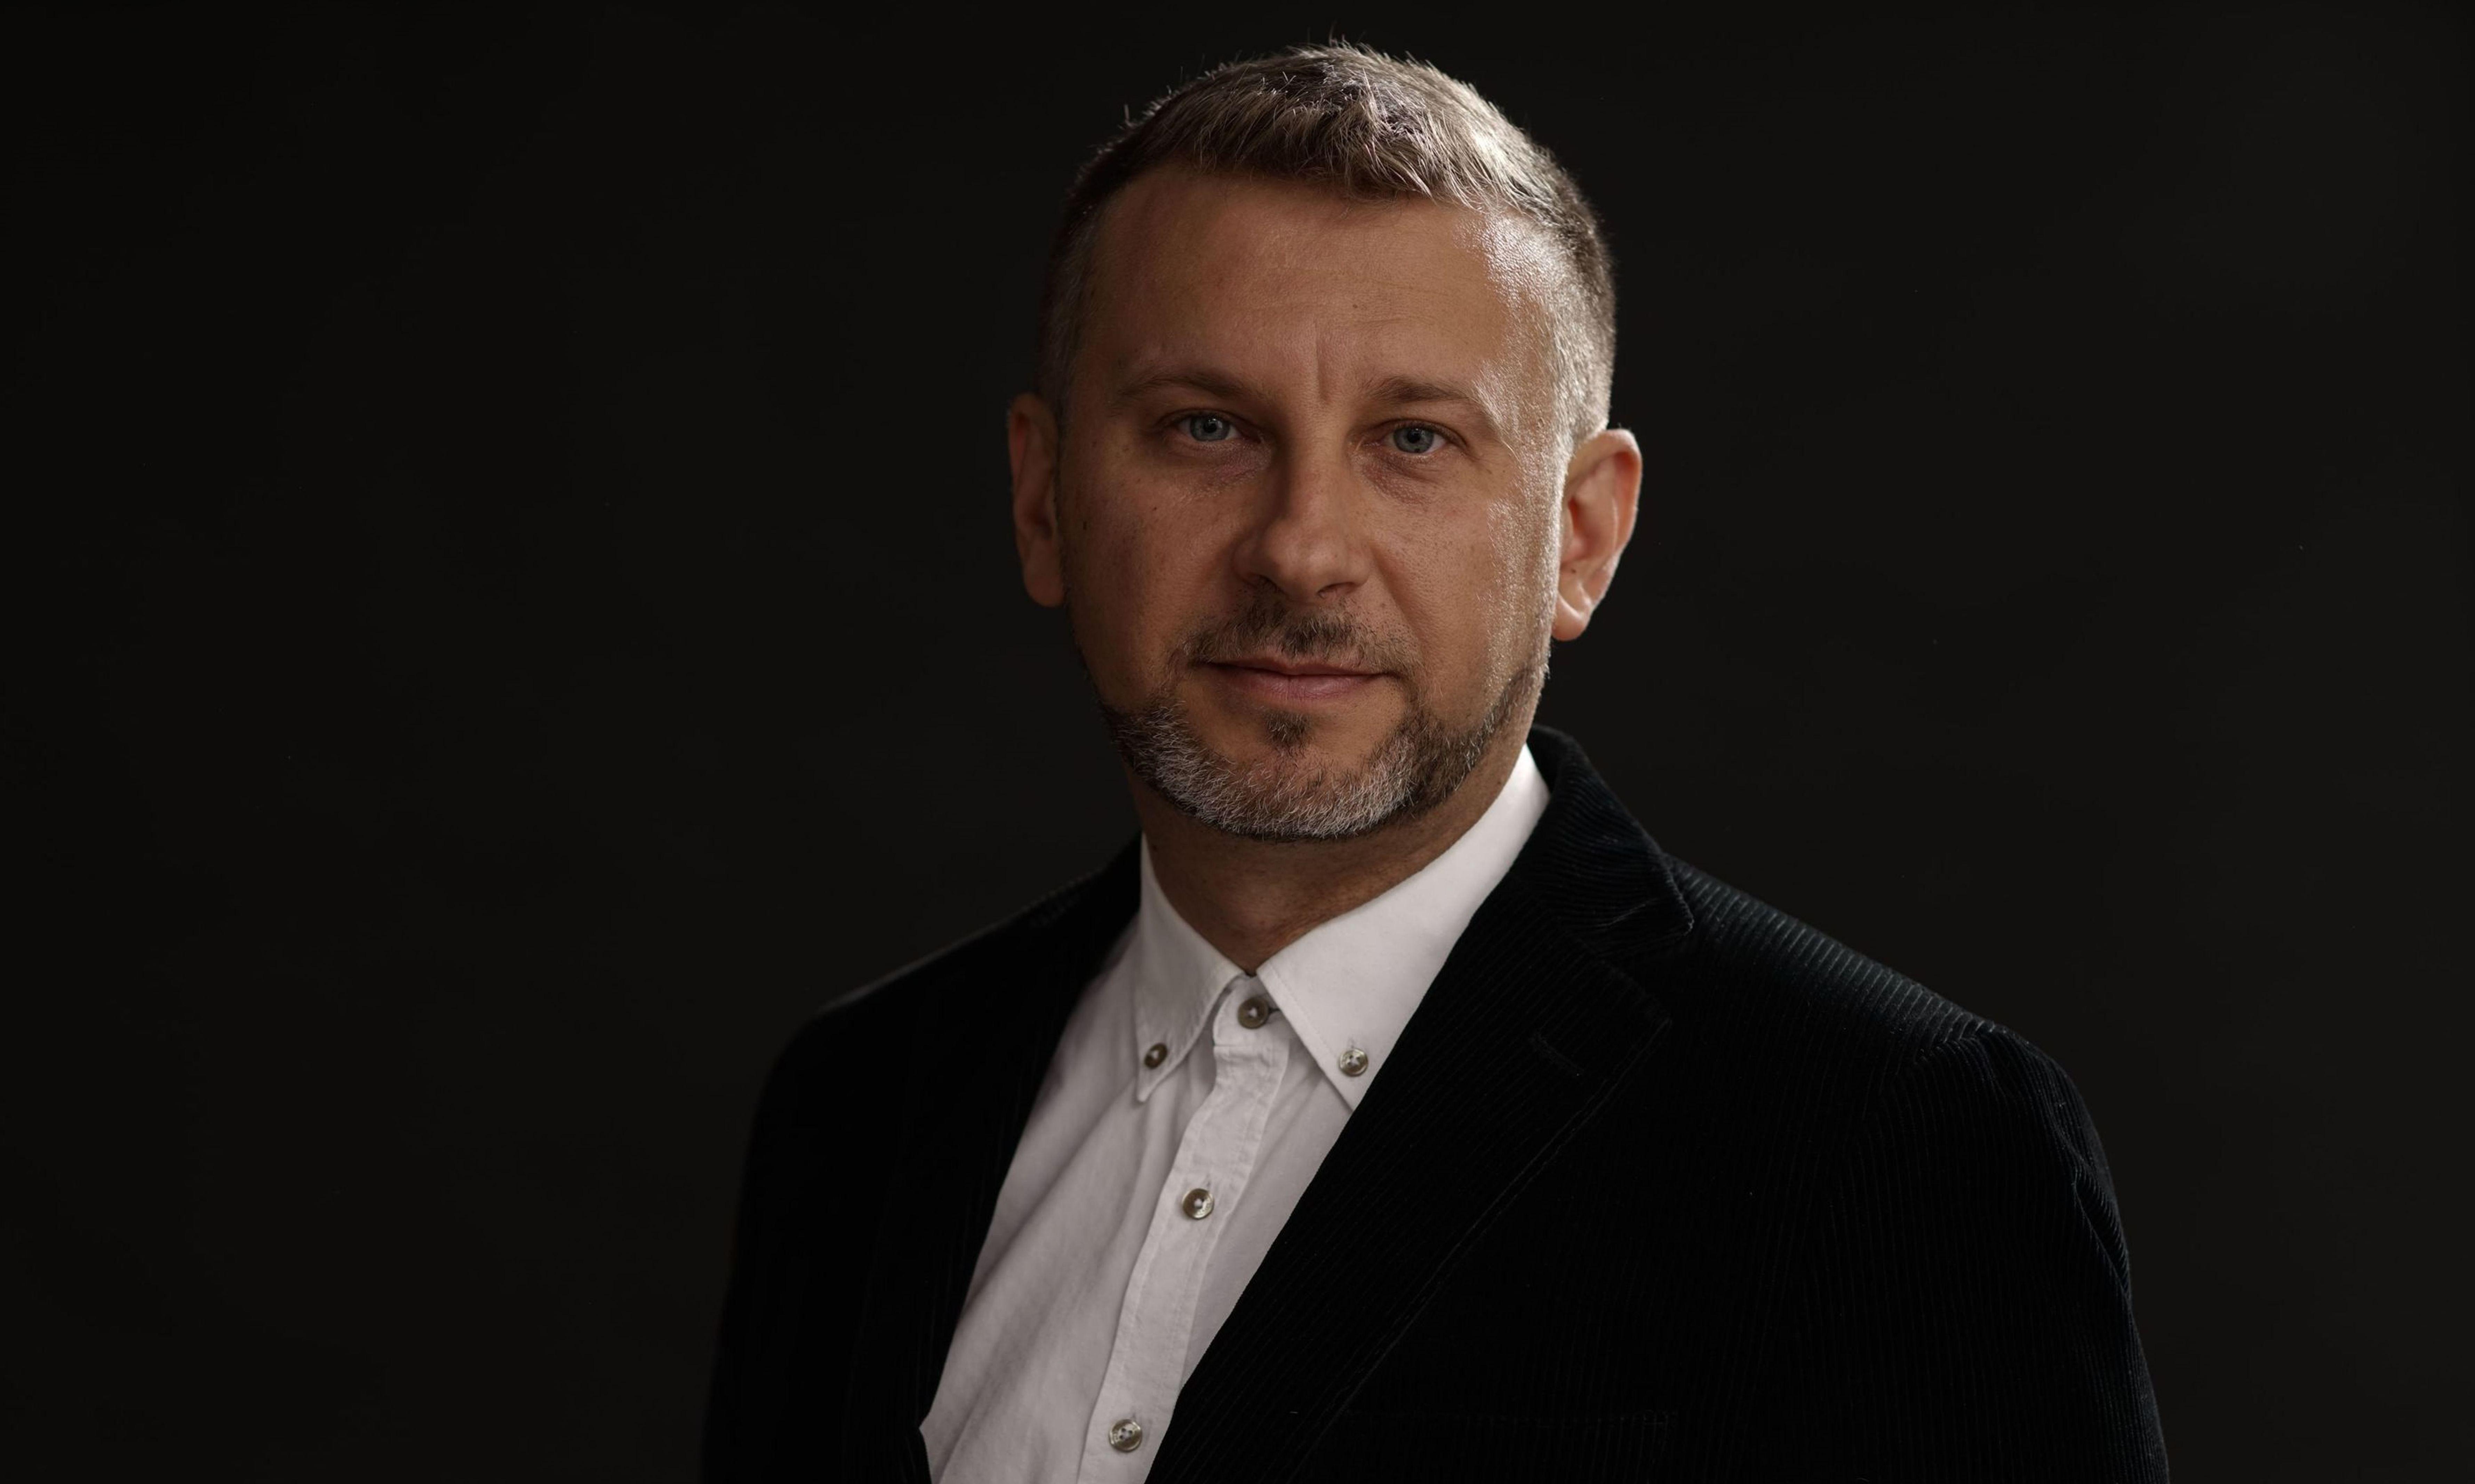 Сергій Грачов став музичним продюсером шоу «Маска»